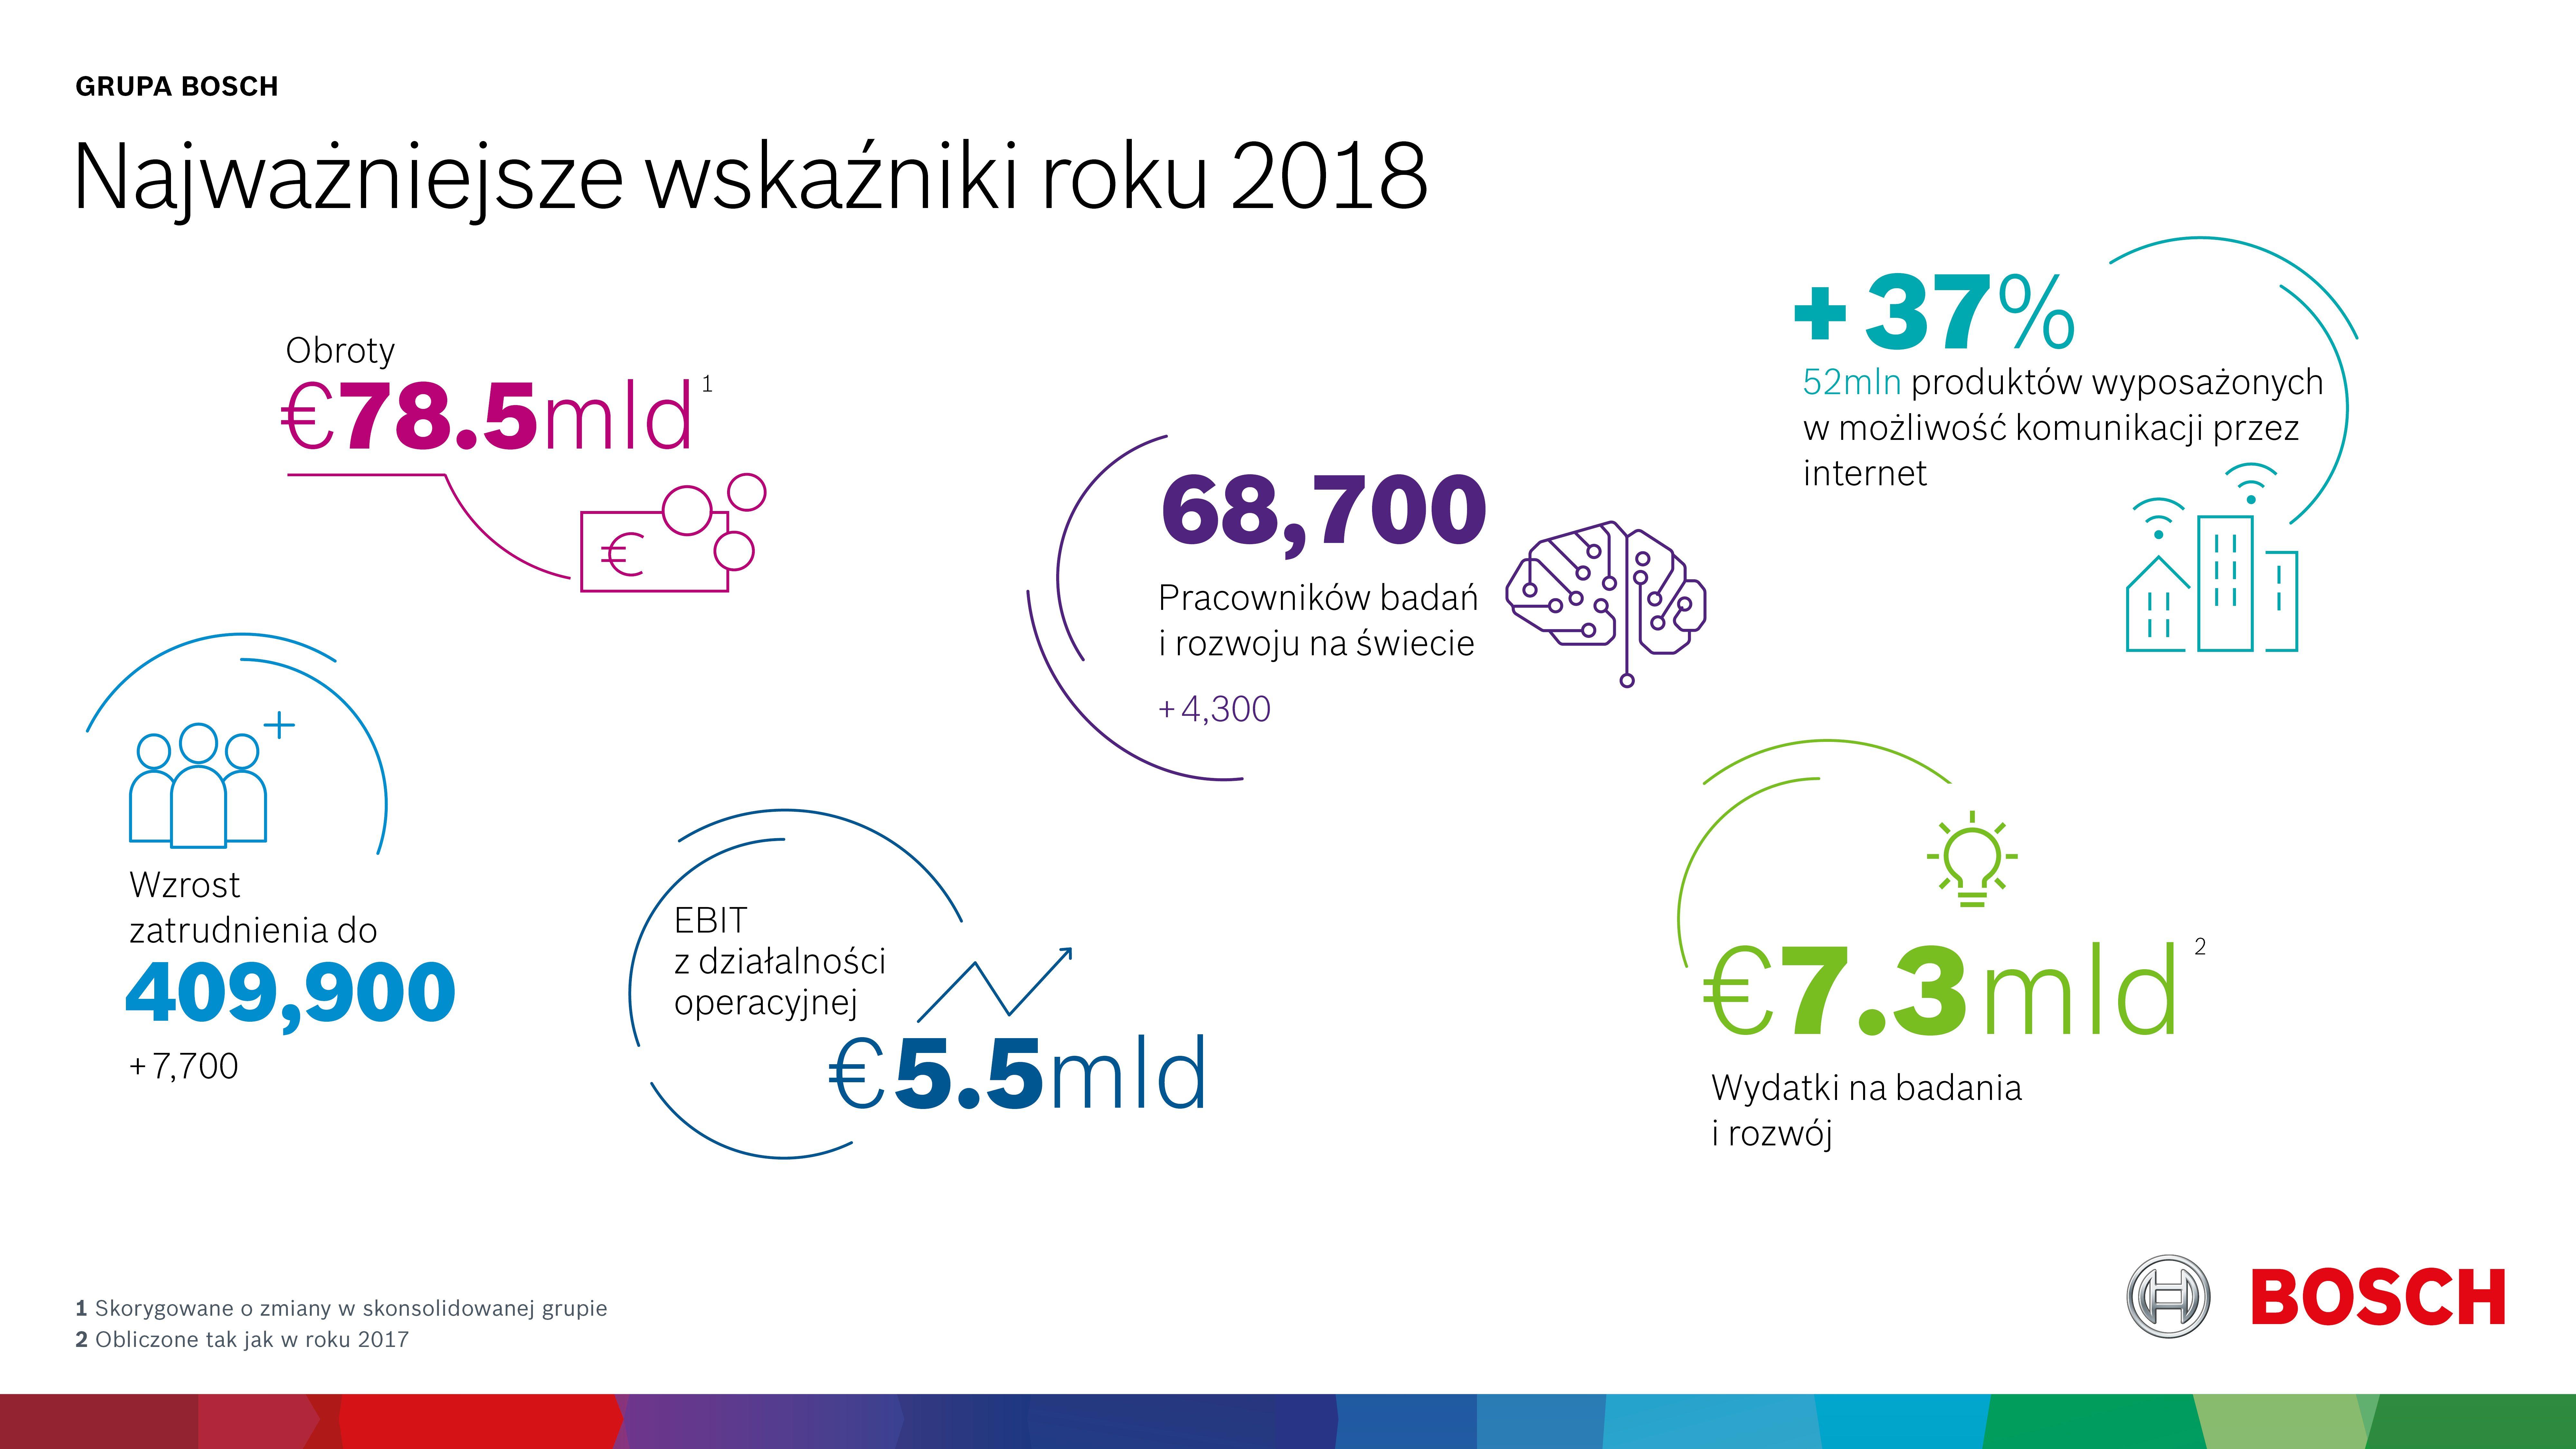 Najważniejsze wskaźniki roku 2018 dla grupy Bosch. Źródło: Bosch